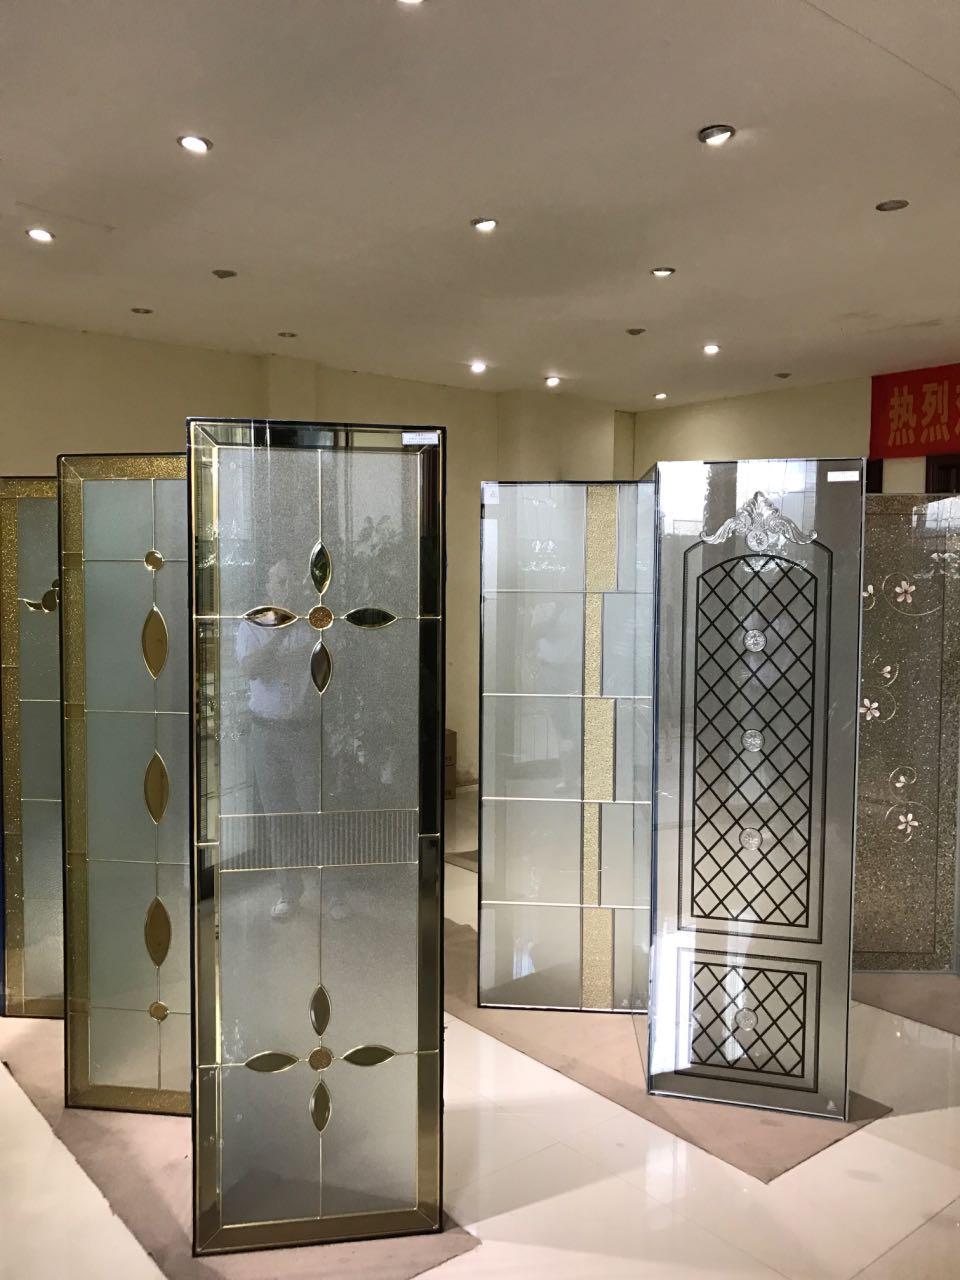 来自刘仿联发布的供应信息:佛山《晶皇艺术玻璃》专业生产推拉门 ... - 佛山《金晶皇玻璃》